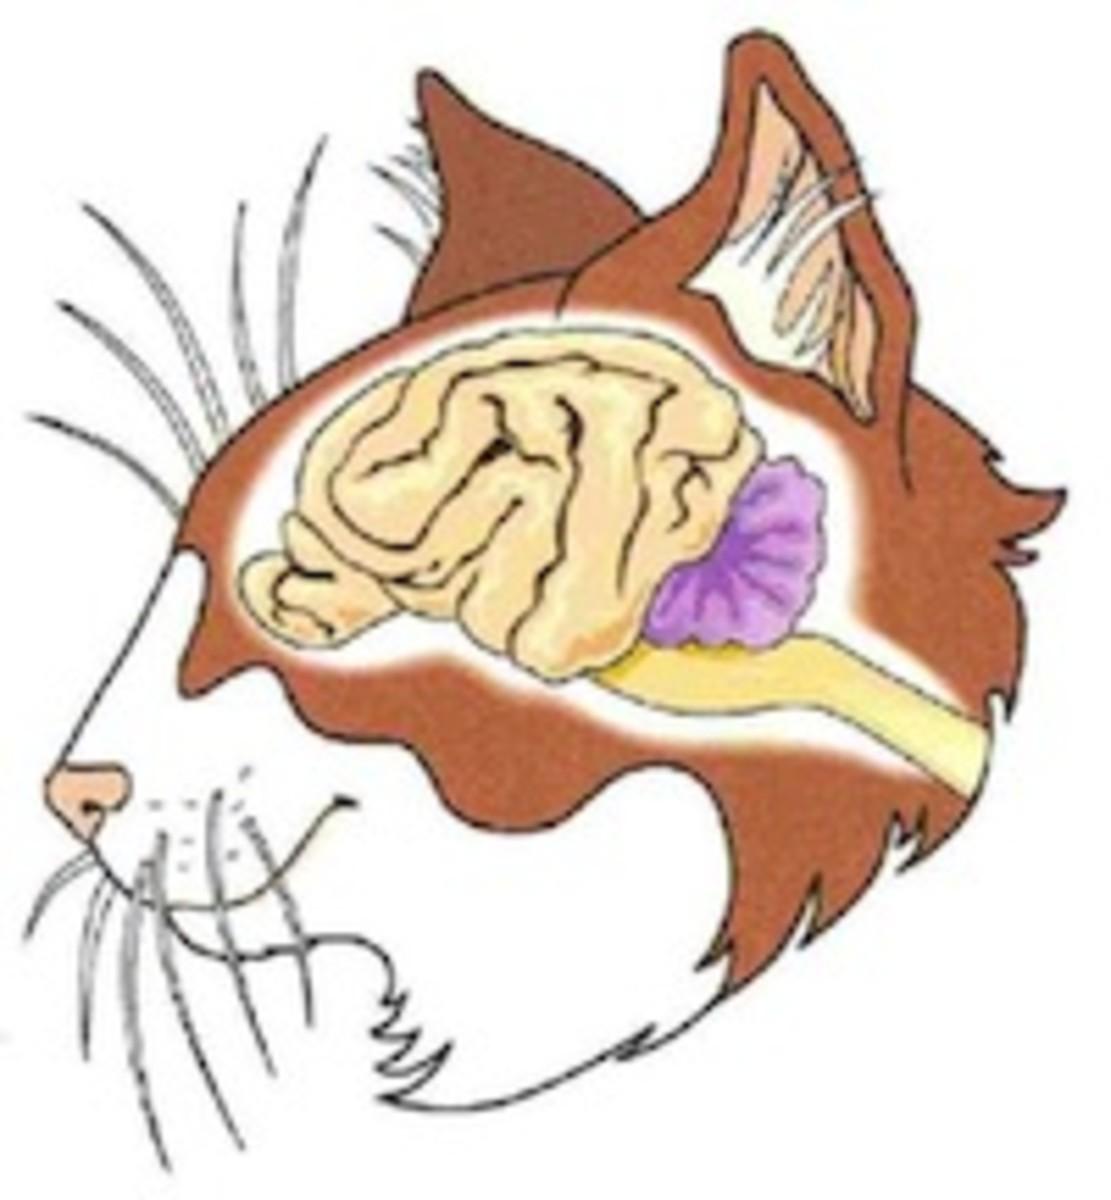 A cat's brain